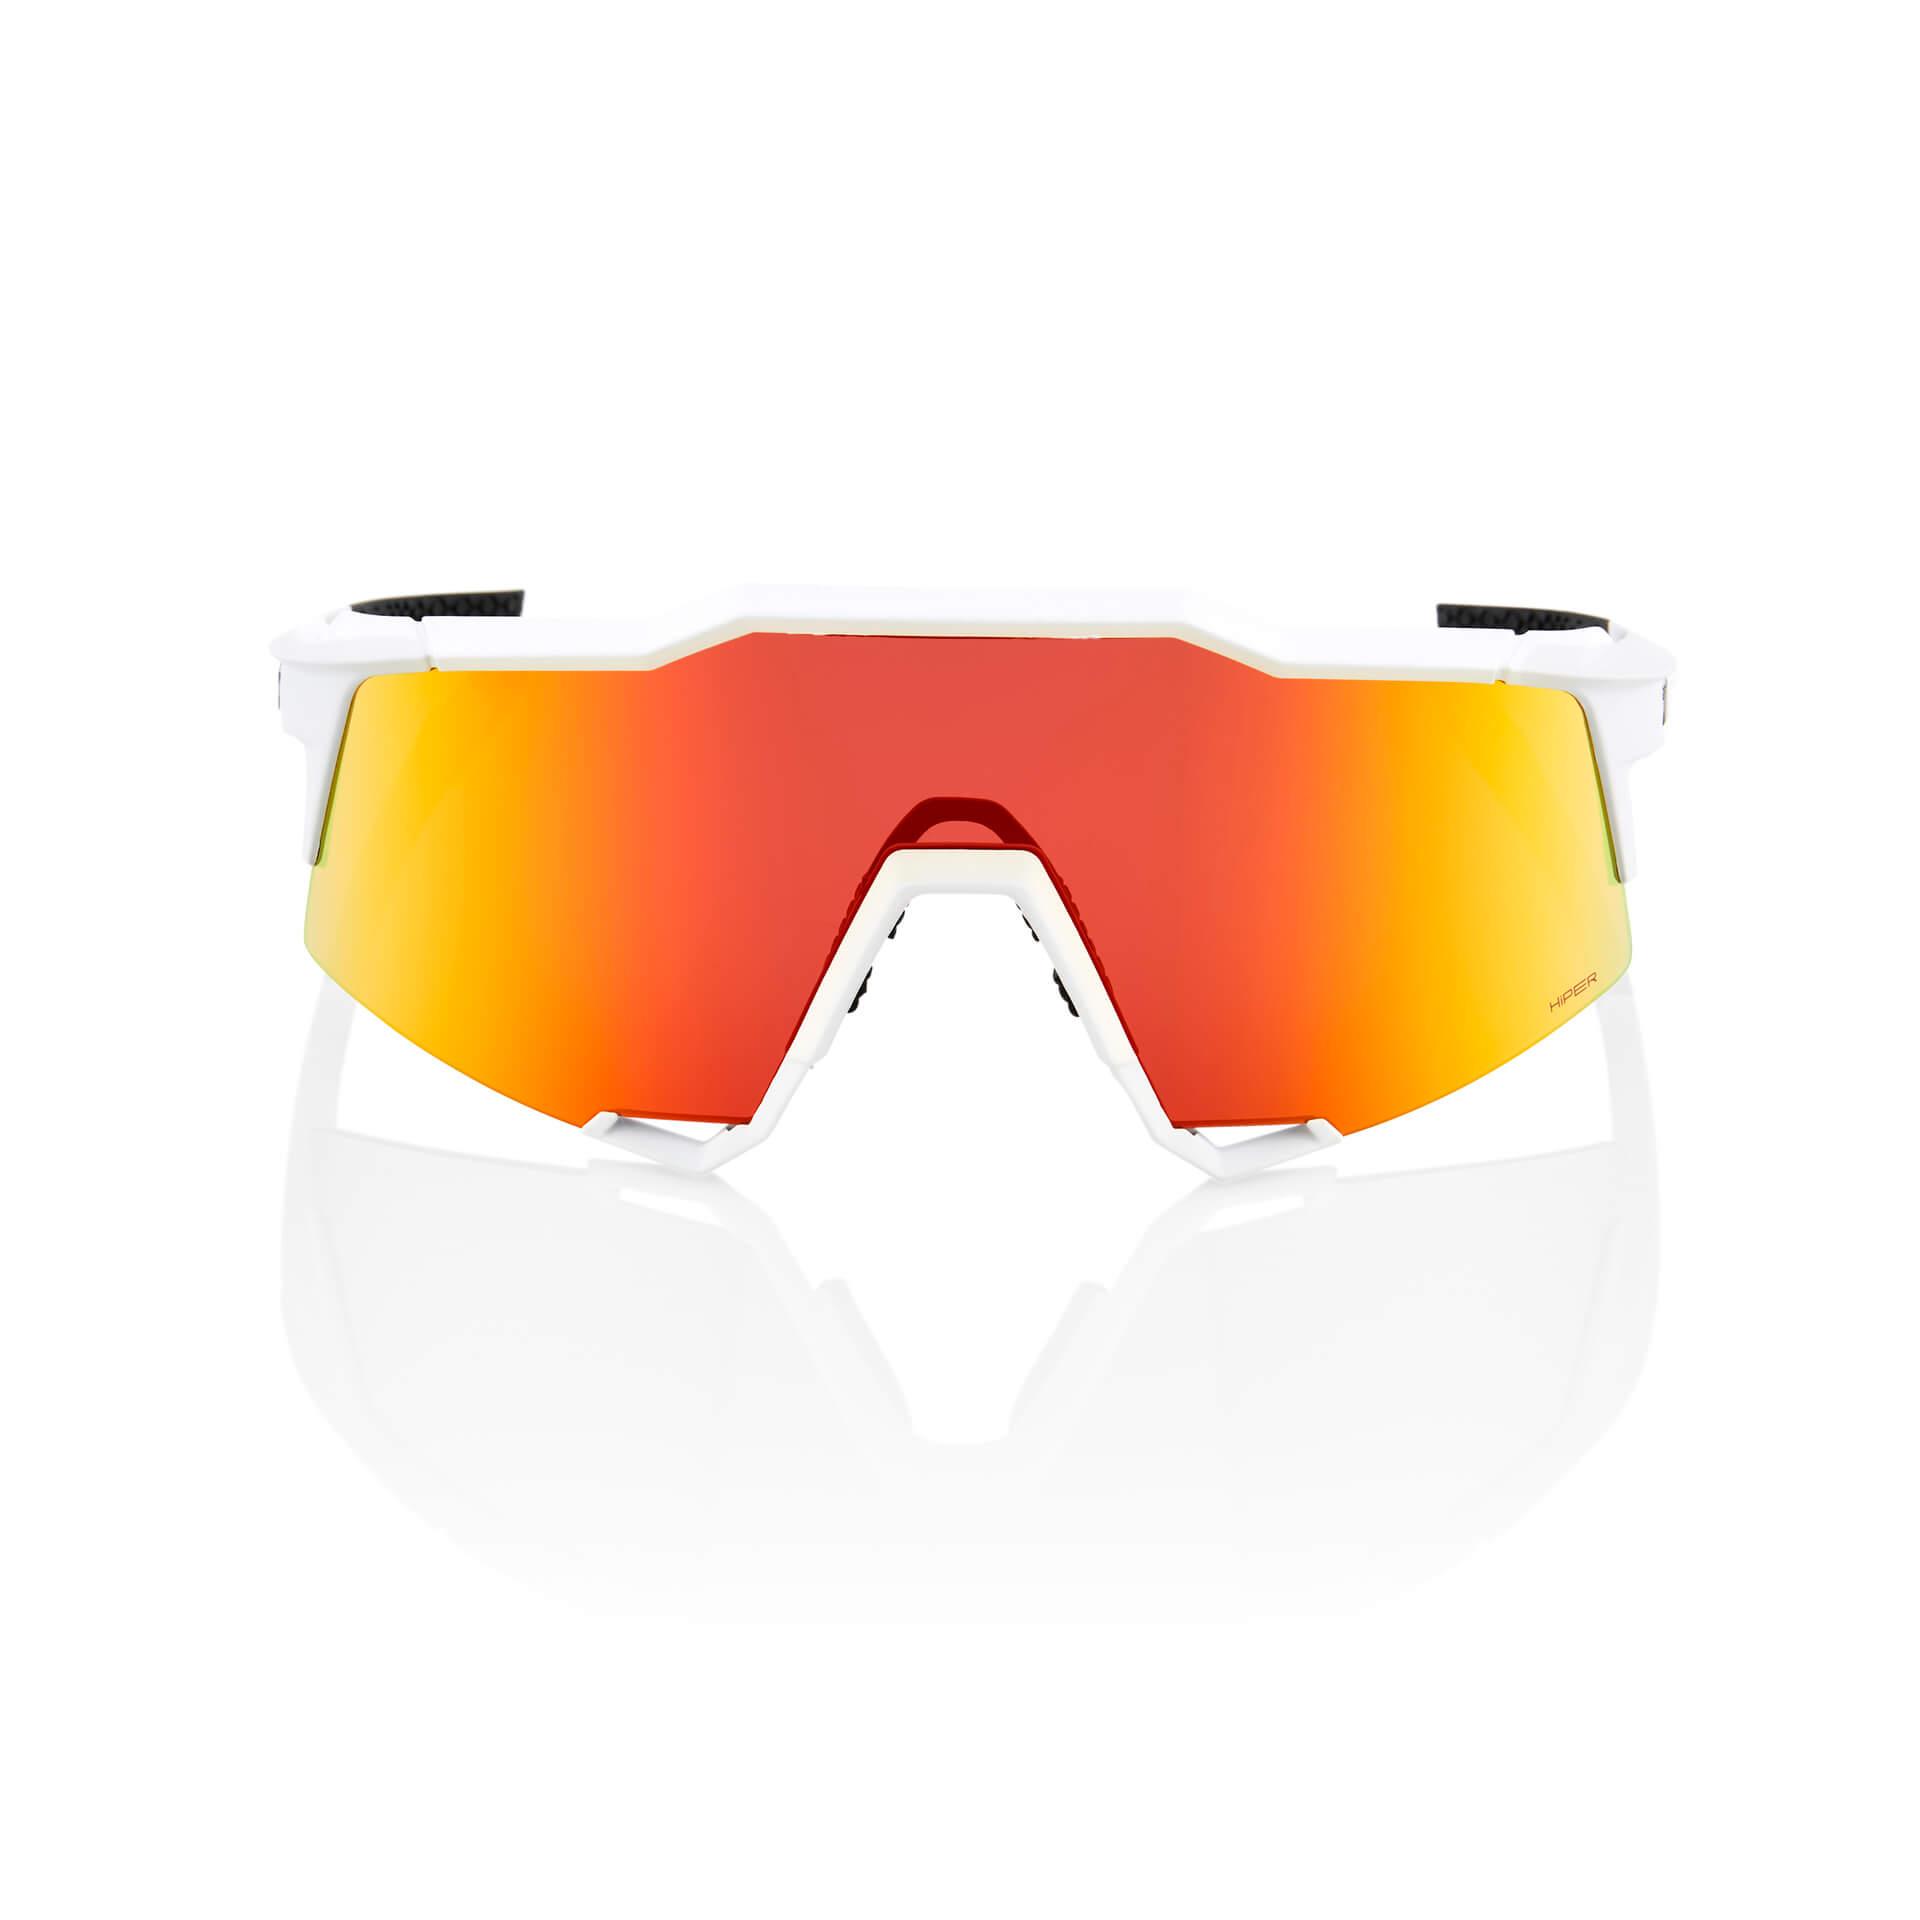 SPEEDCRAFT – Off White – HiPER Red Multilayer Mirror Lens